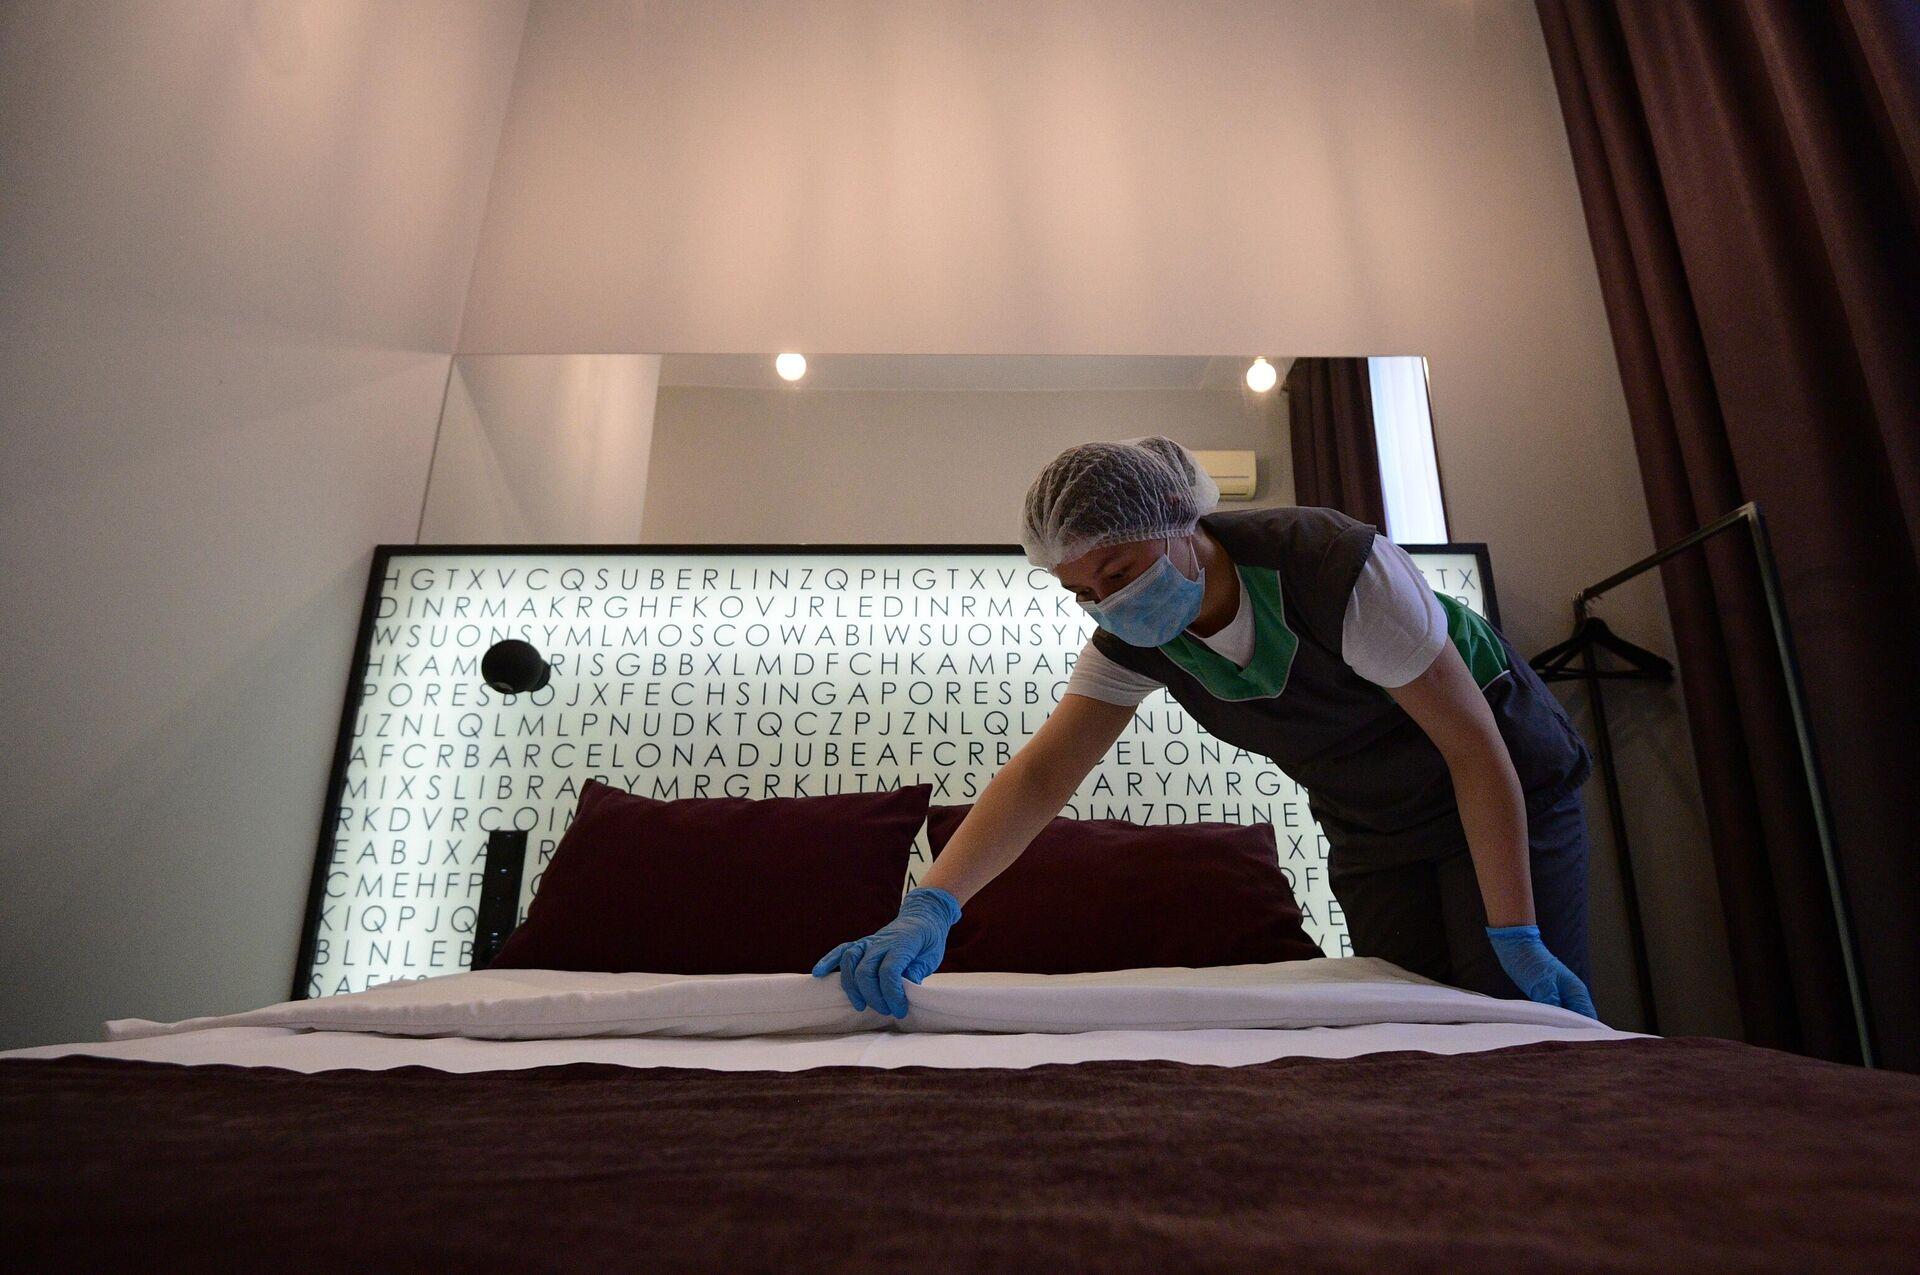 Горничная застилает кровать в номере отеля Library в Москве - РИА Новости, 1920, 23.04.2021